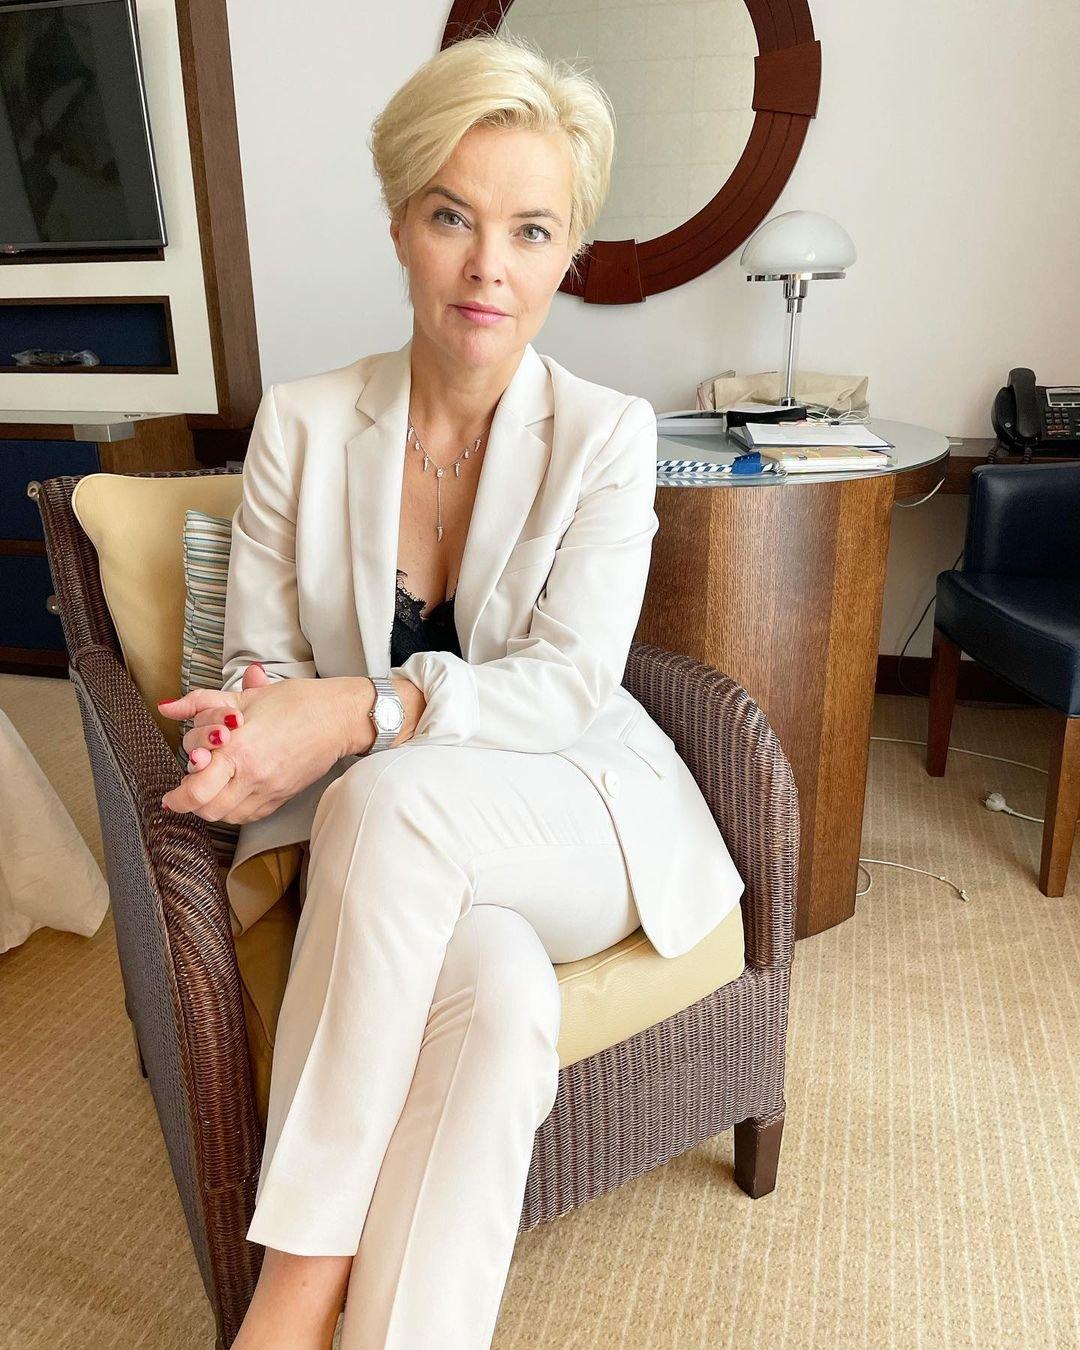 Monika Richardson w białym garniturze